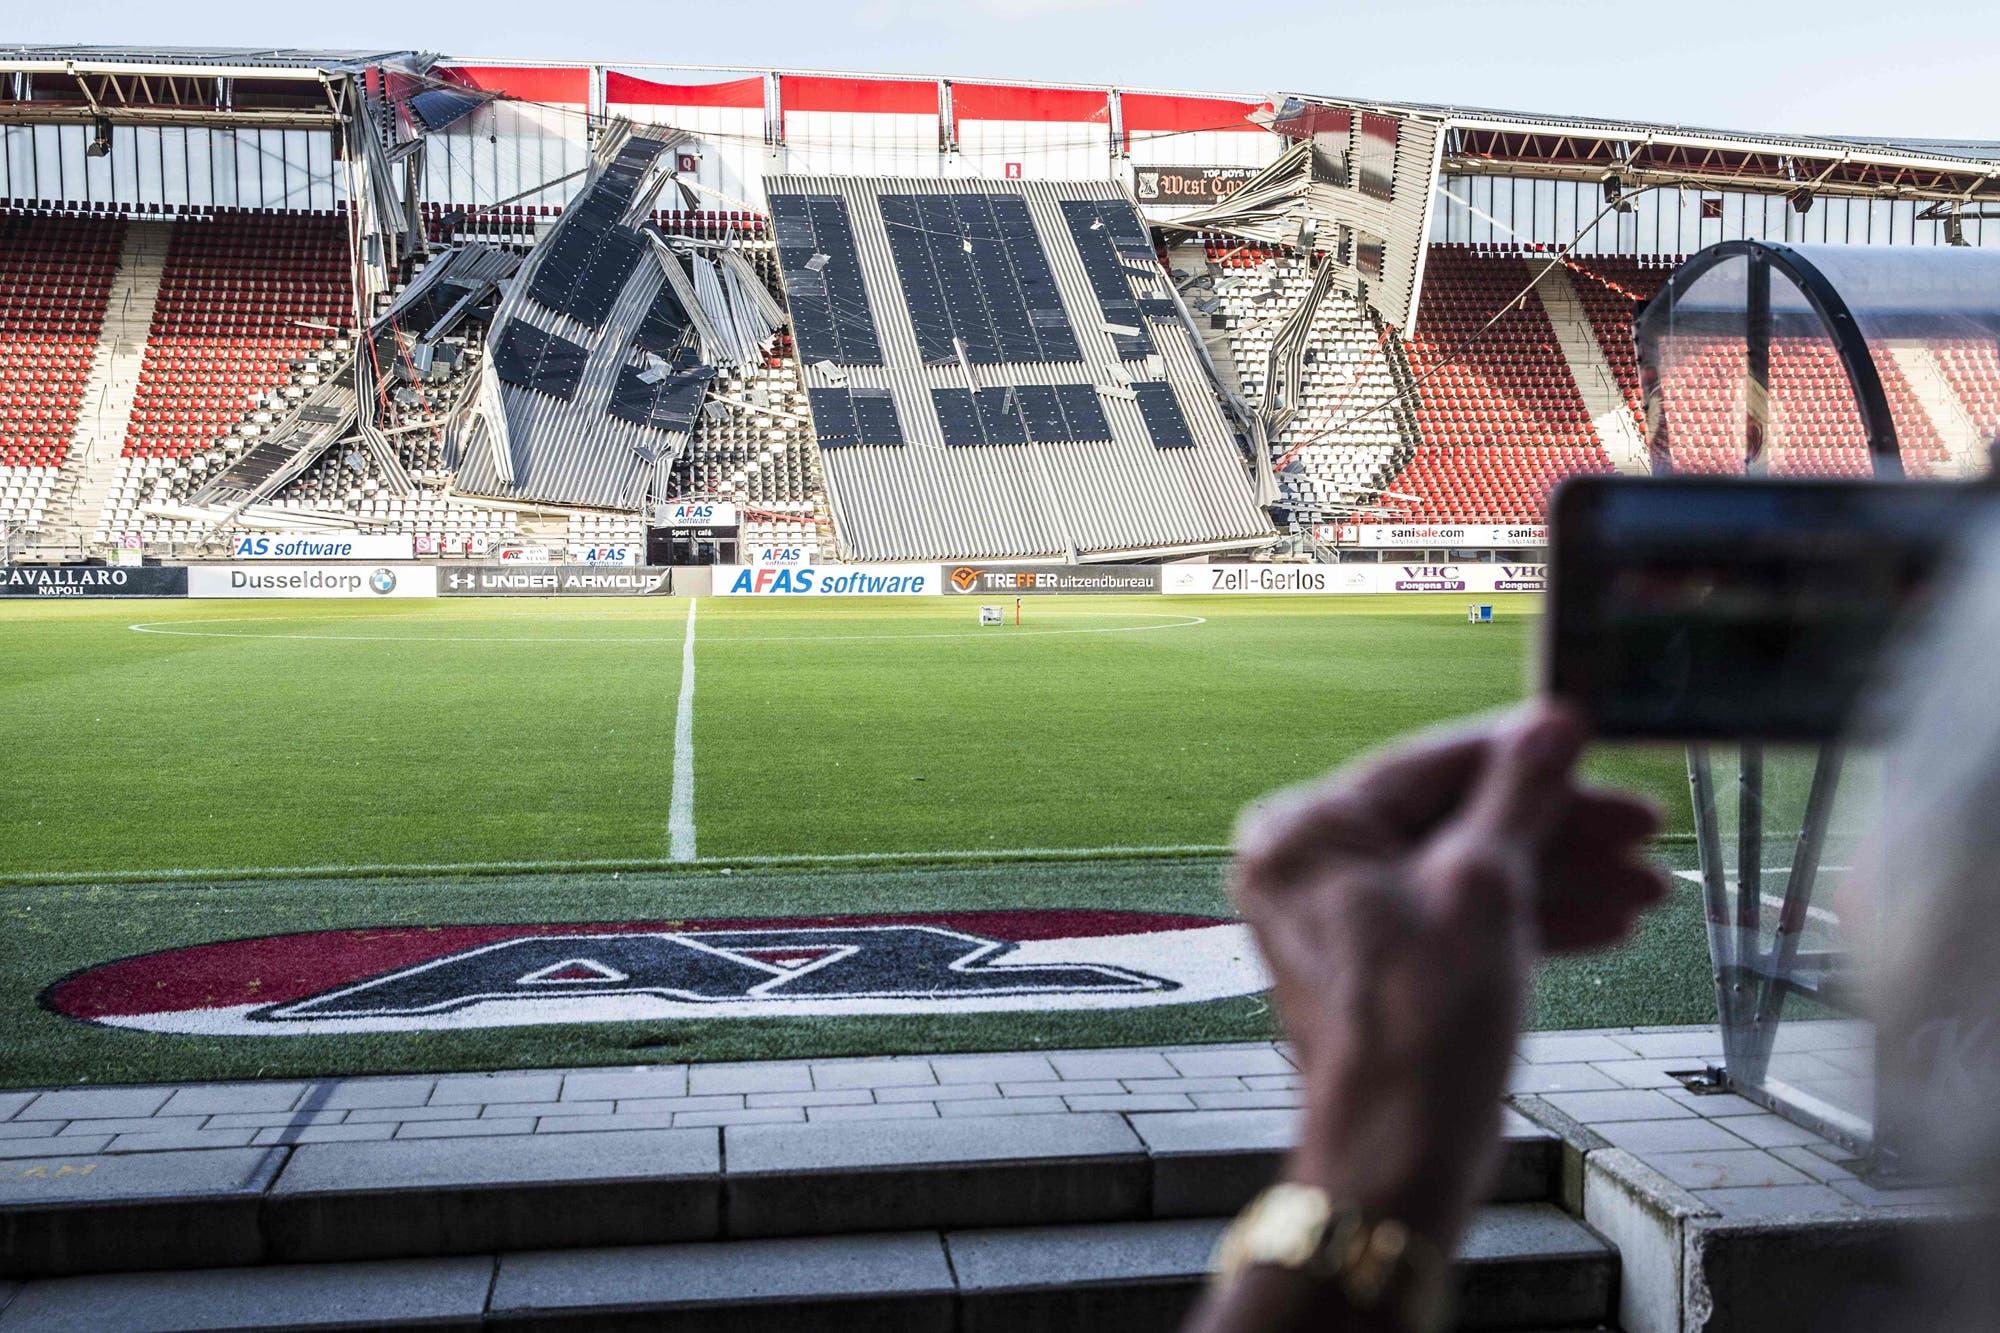 El derrumbe en un estadio que pudo ser una tragedia